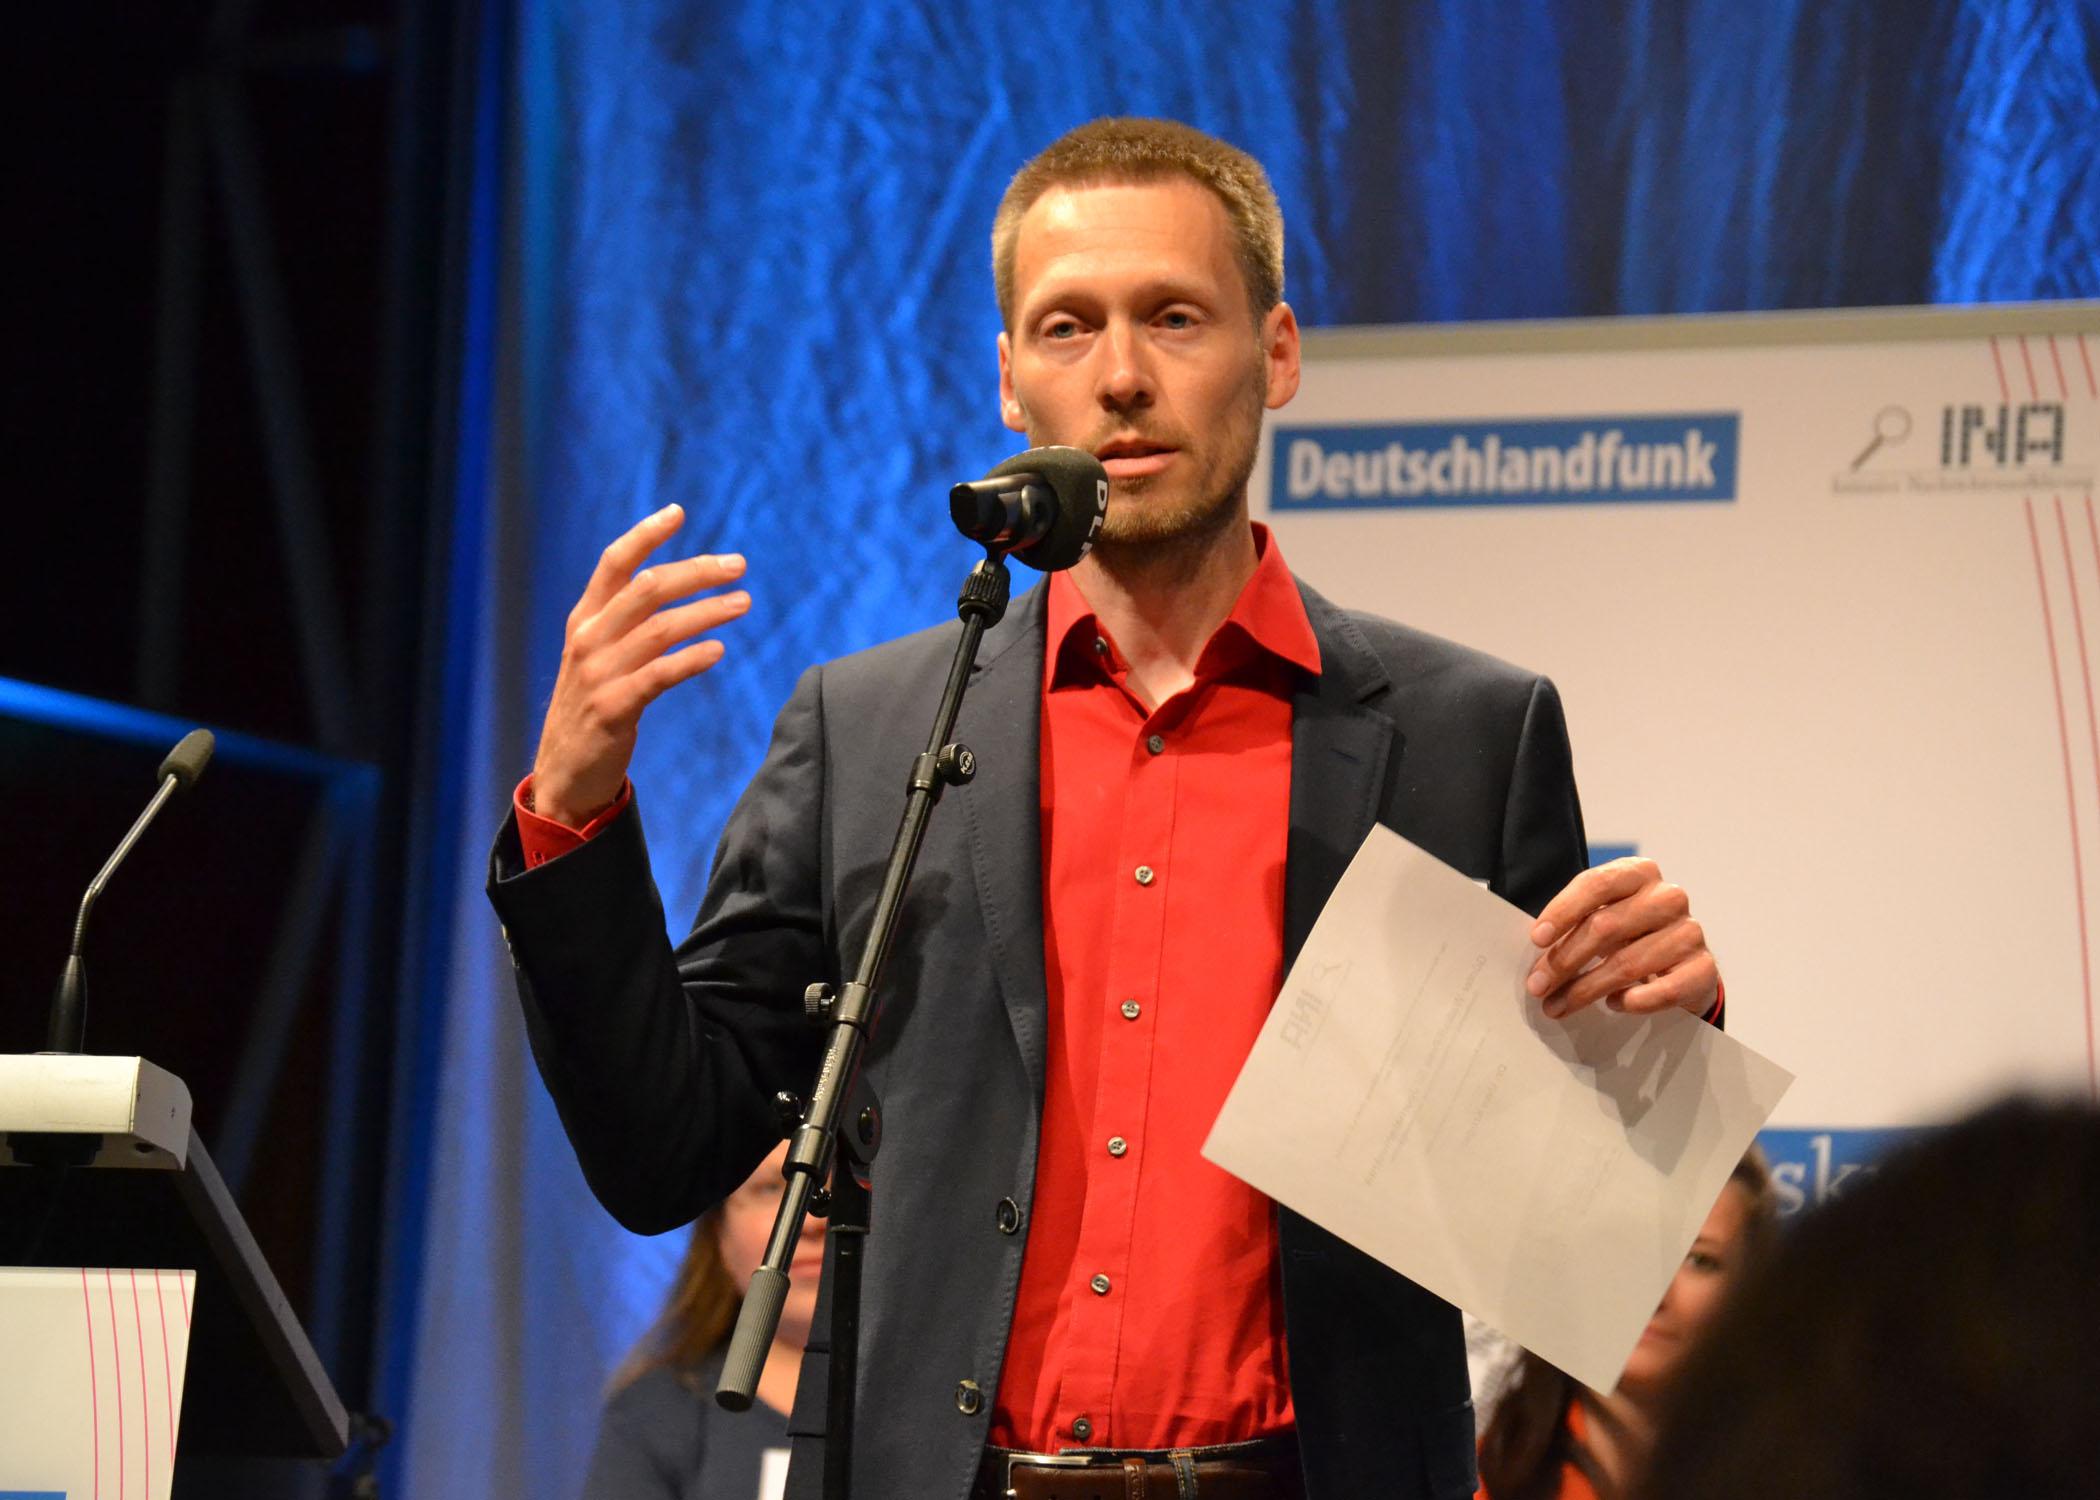 Ein Sonderpreis ging an den Medienwissenschaftler Uwe Krüger von der Universität Leipzig.